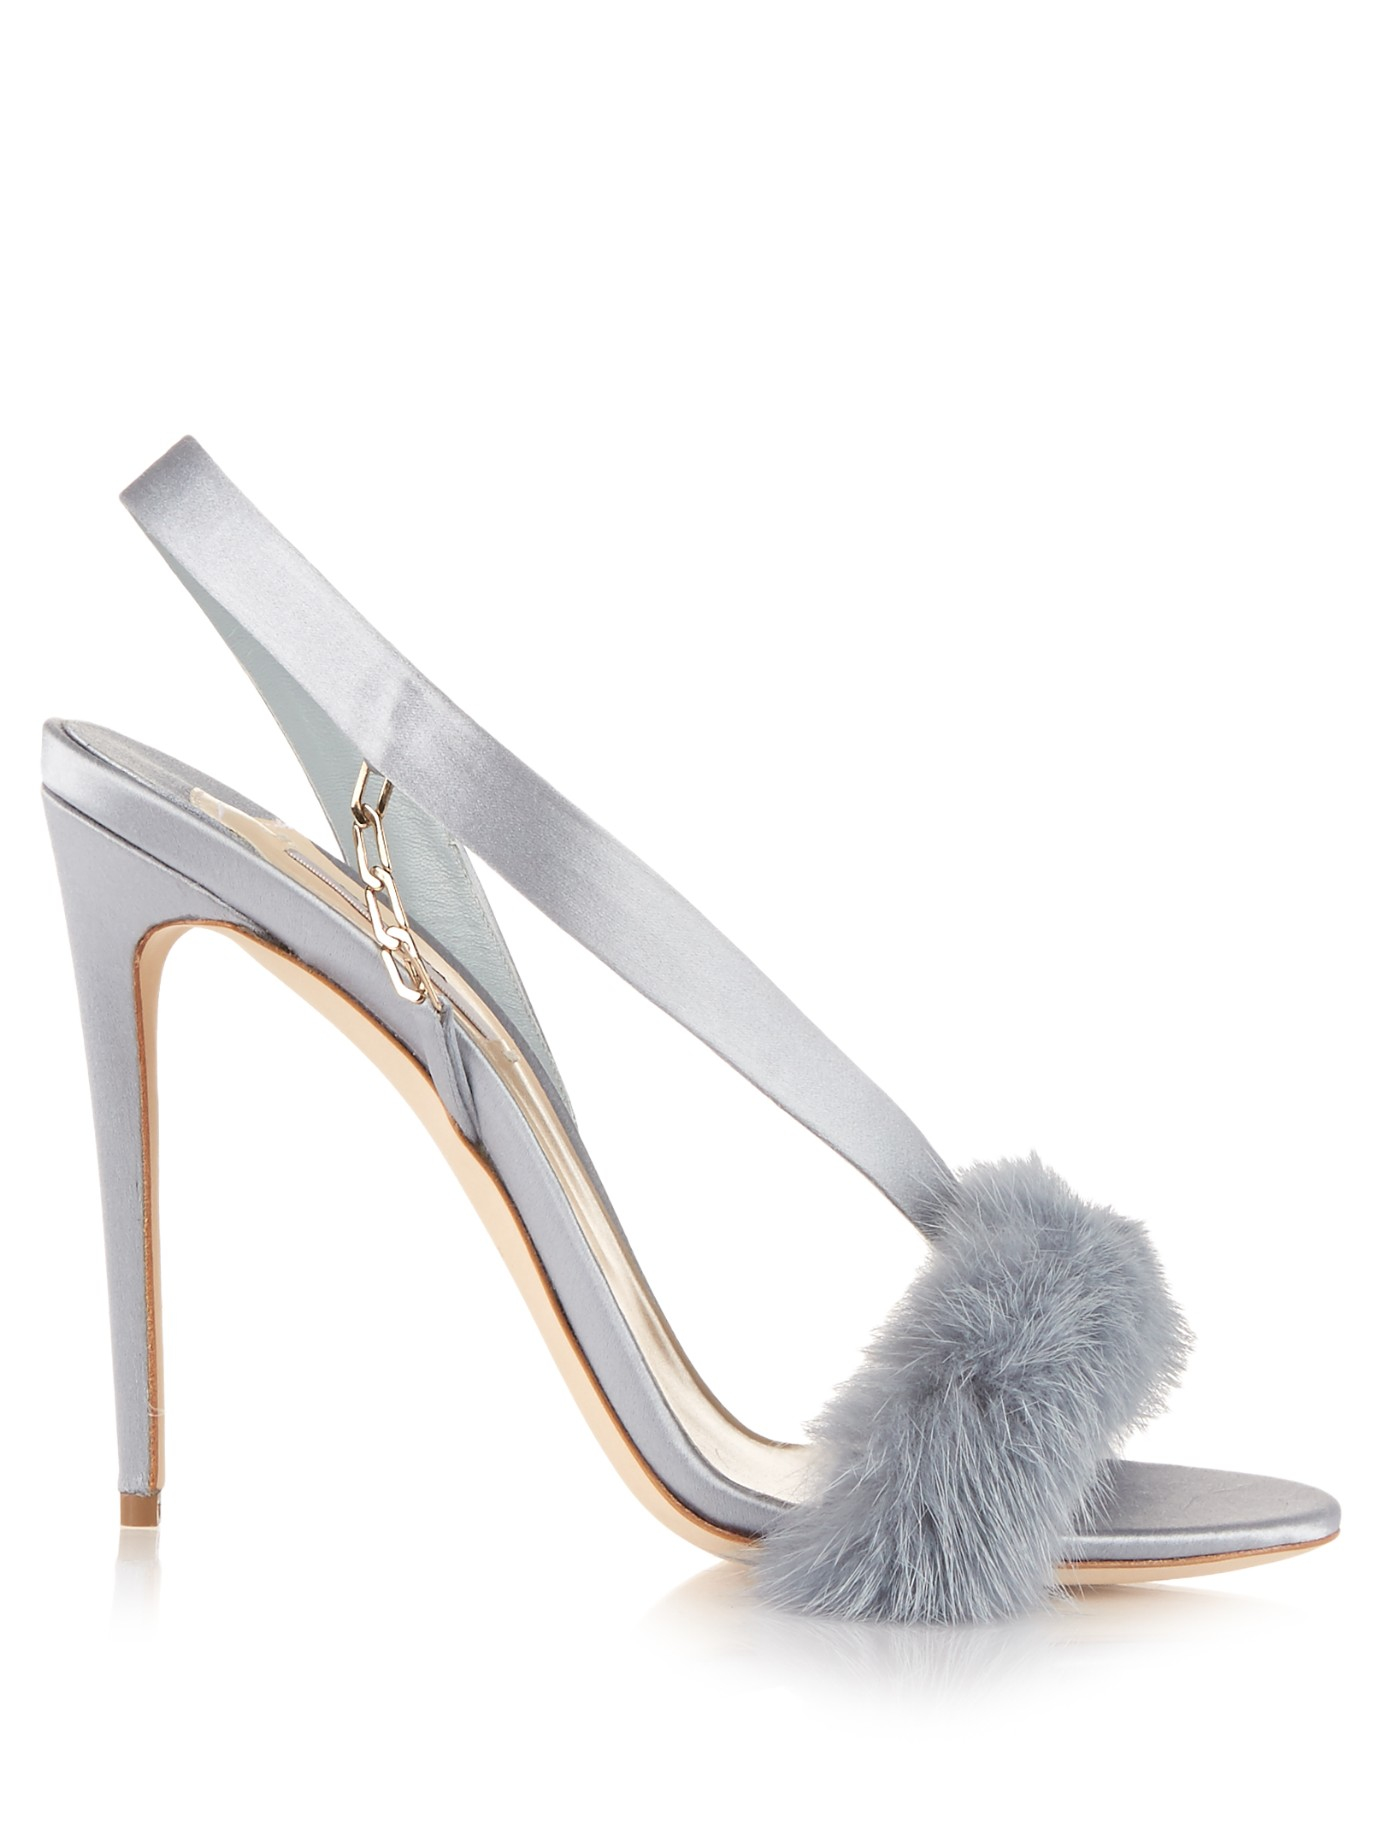 Enjoy For Sale OLGANA Amazone sandals Buy Cheap Free Shipping jvvKBJ